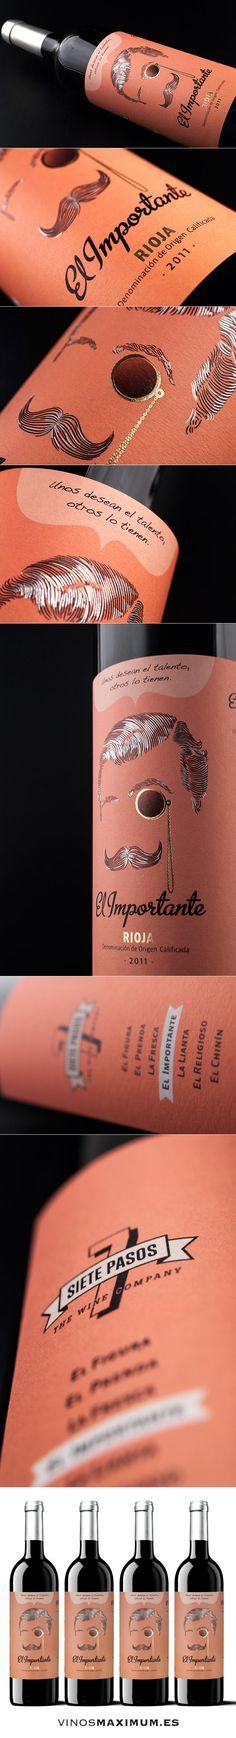 Siete pasos - El Importante - D.O.C. Rioja. Tempranillo 100%. Tinto Crianza. Spain. #vinosmaximum #taninotanino